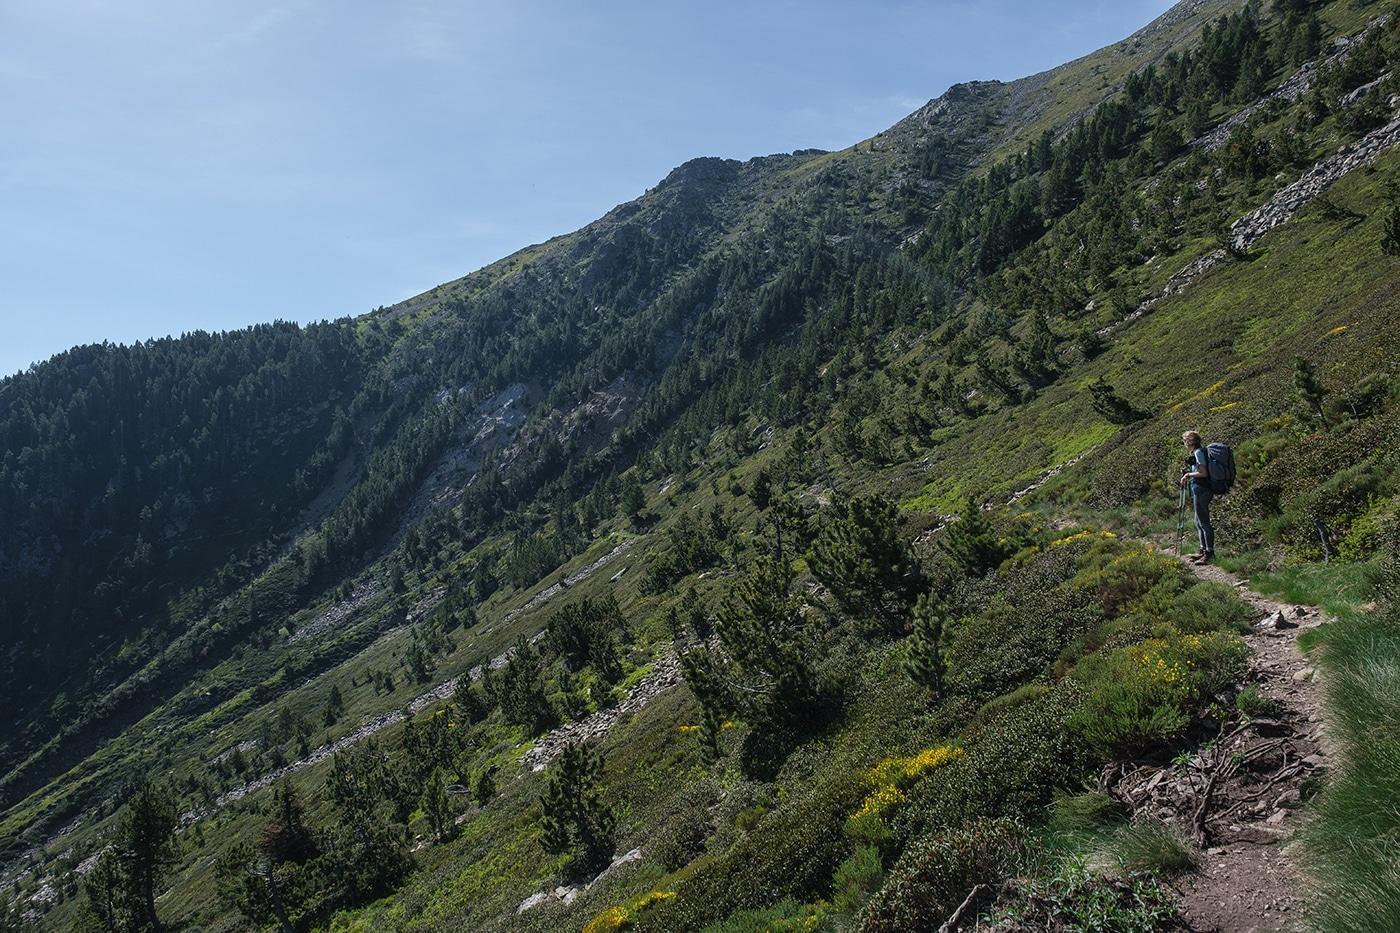 Paysage magnifique des Pyrénées Orientales